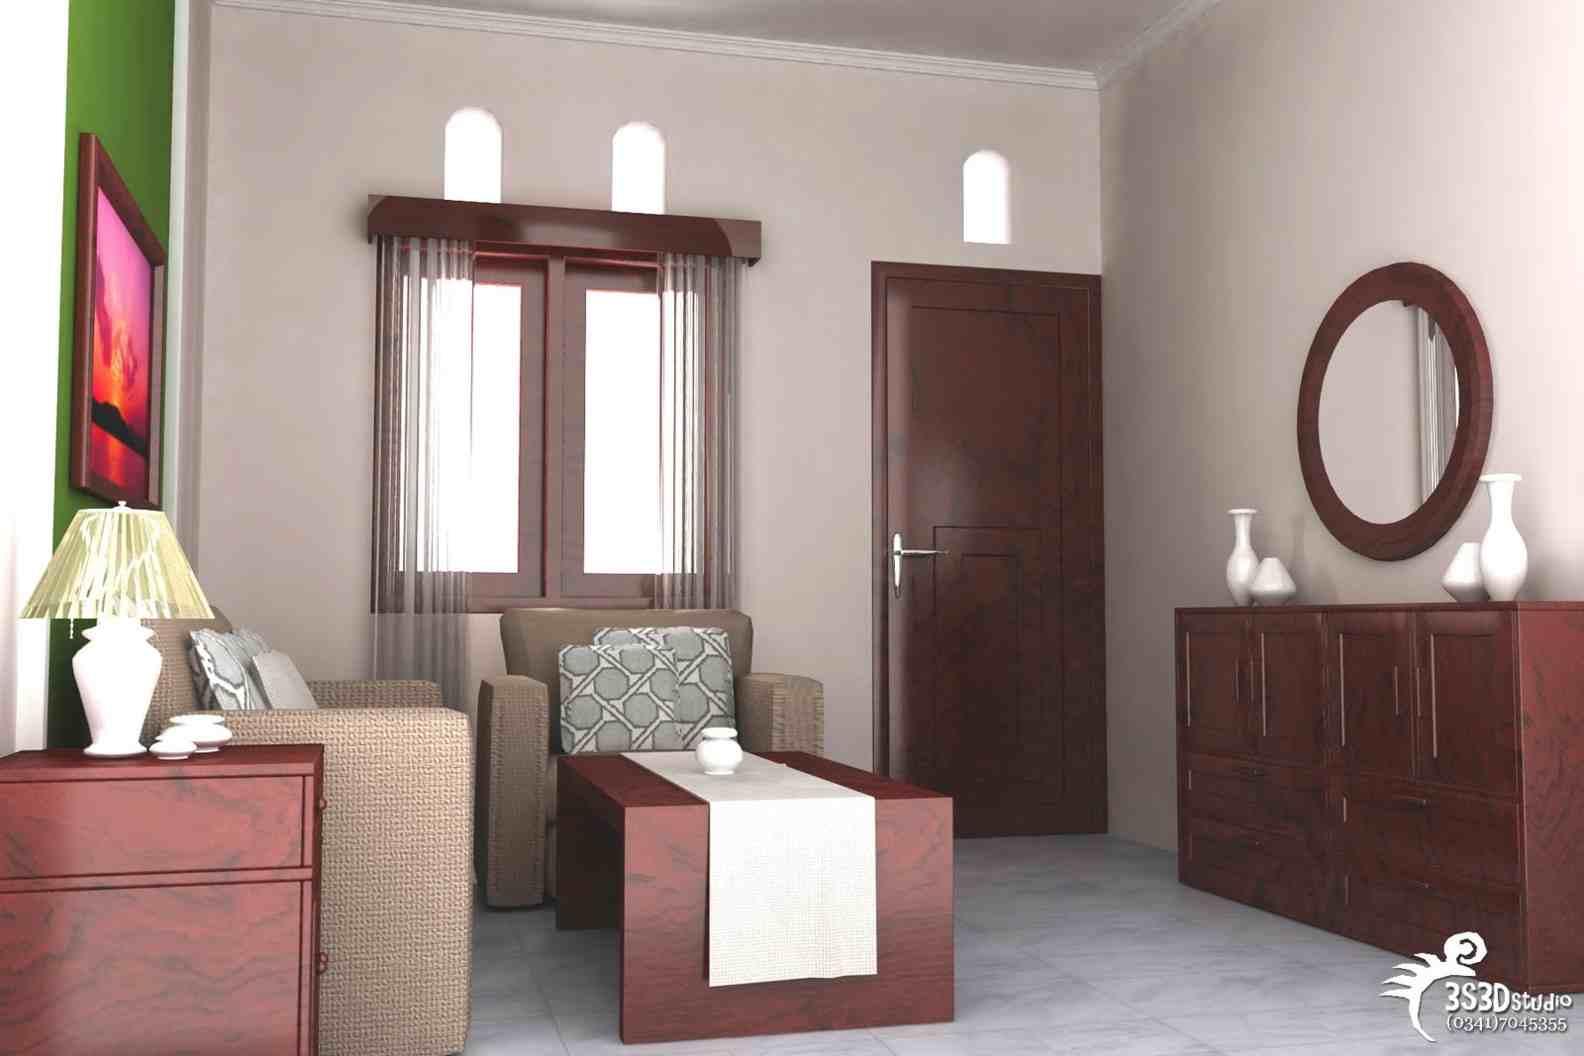 Contoh Desain Interior Rumah Minimalis Type 21 | Rumah Tingkat Minimalis Type 21